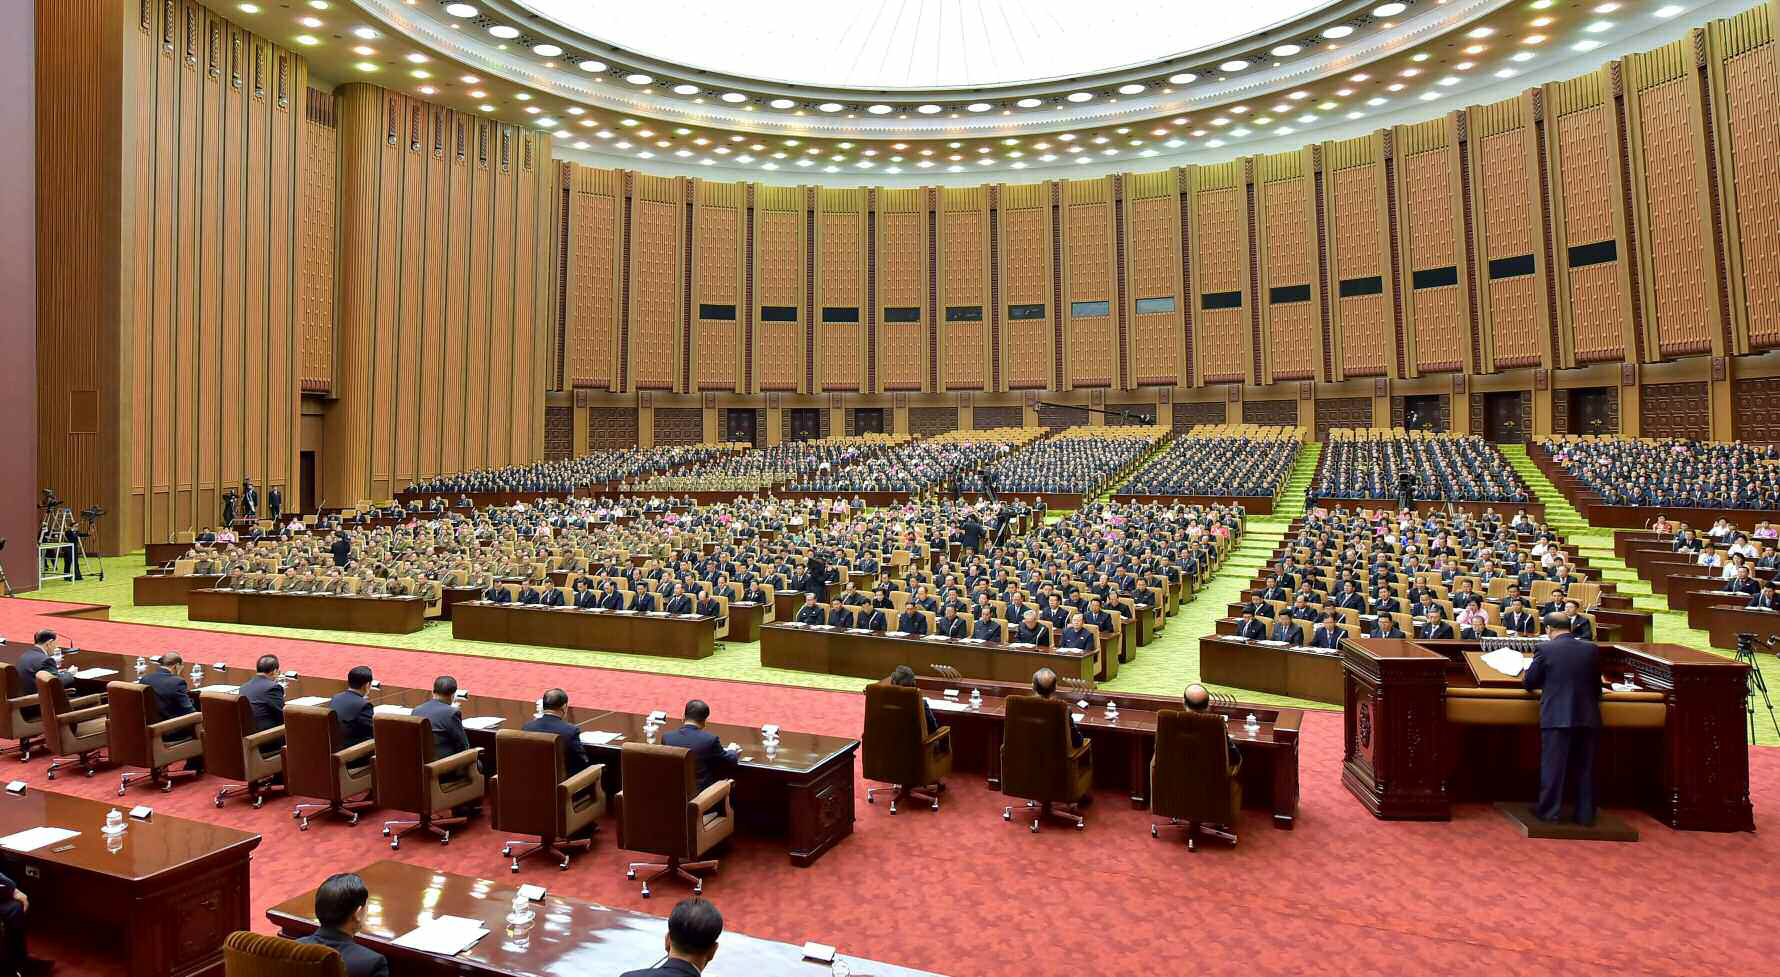 지난 4월 11일 개최된 북한 최고인민회의 제13기 6차 회의가 만수대의사당에서 열렸다. 최고인민회의는 한국의 국회에 해당하며 헌법 수정과 법 제정·수정 등 입법권을 가진다.[연합뉴스]